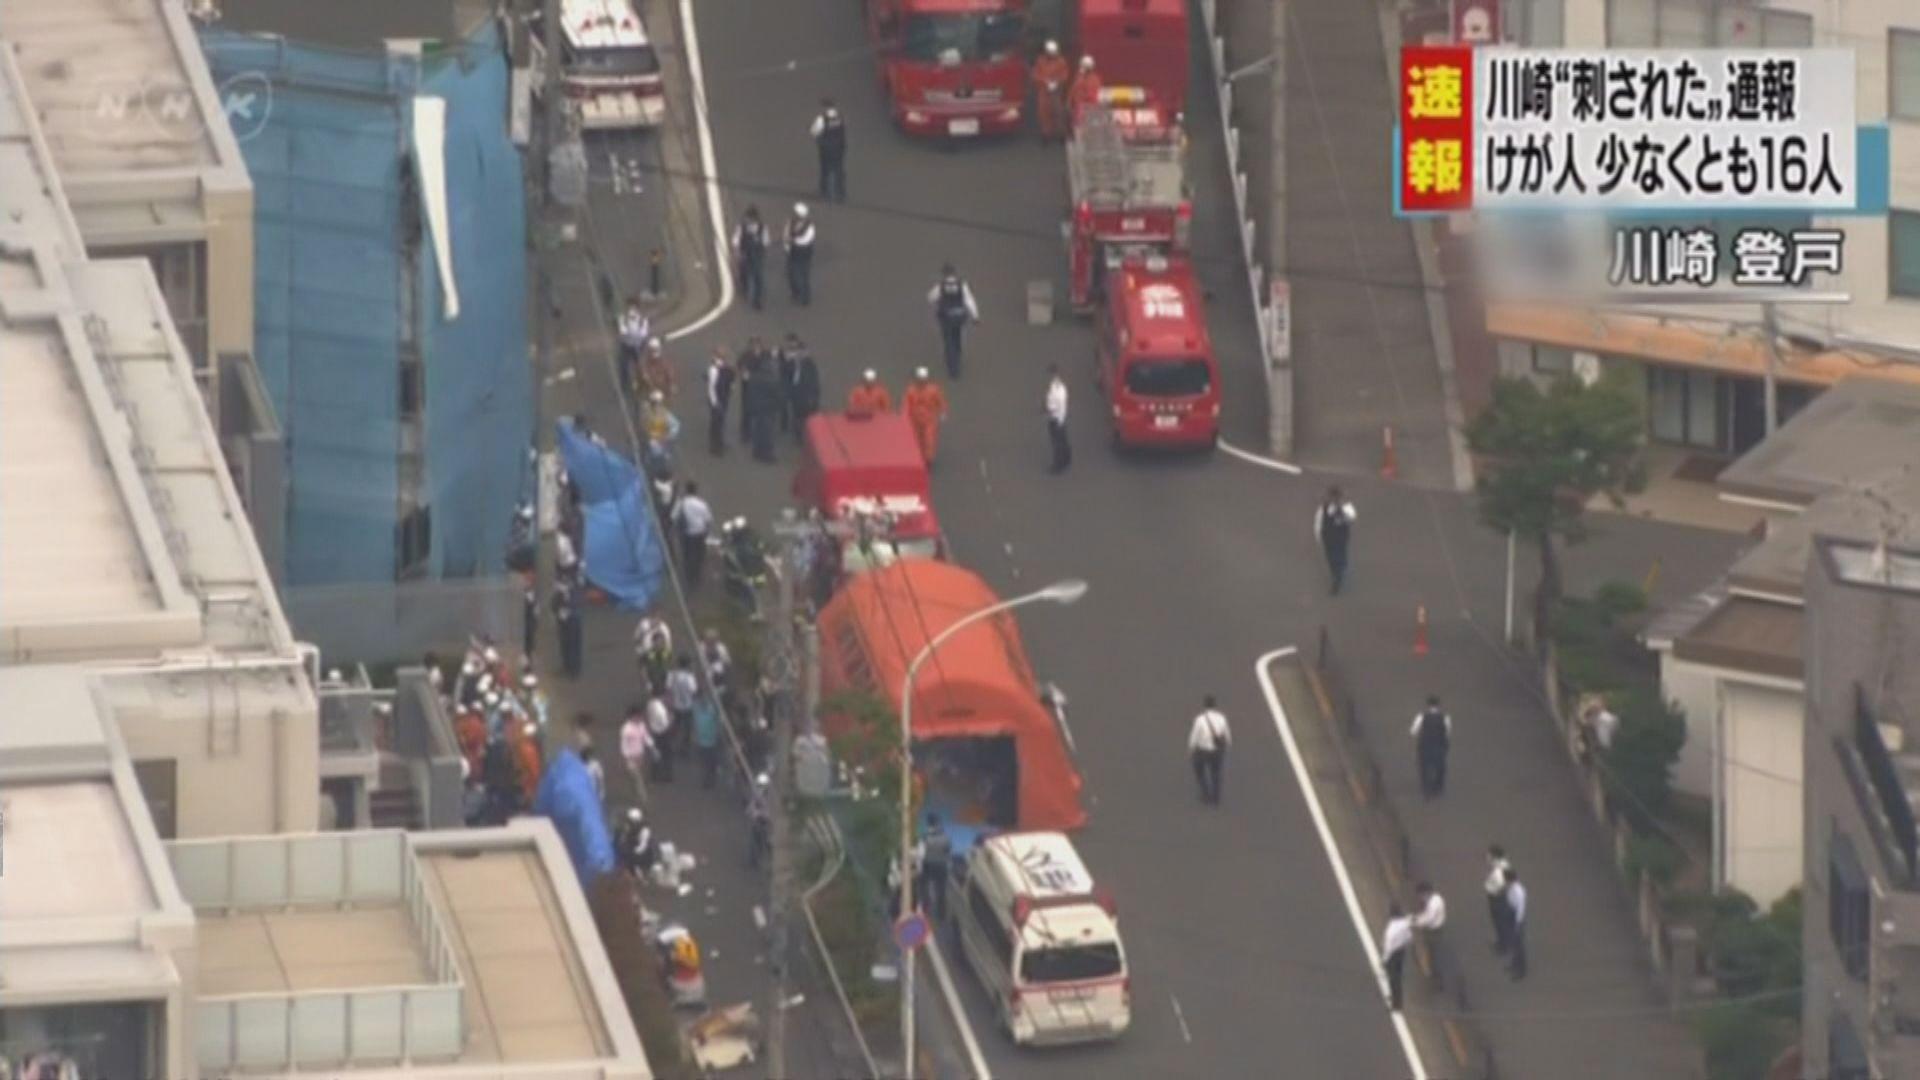 日本神奈川縣發生隨機殺人案 多人死傷